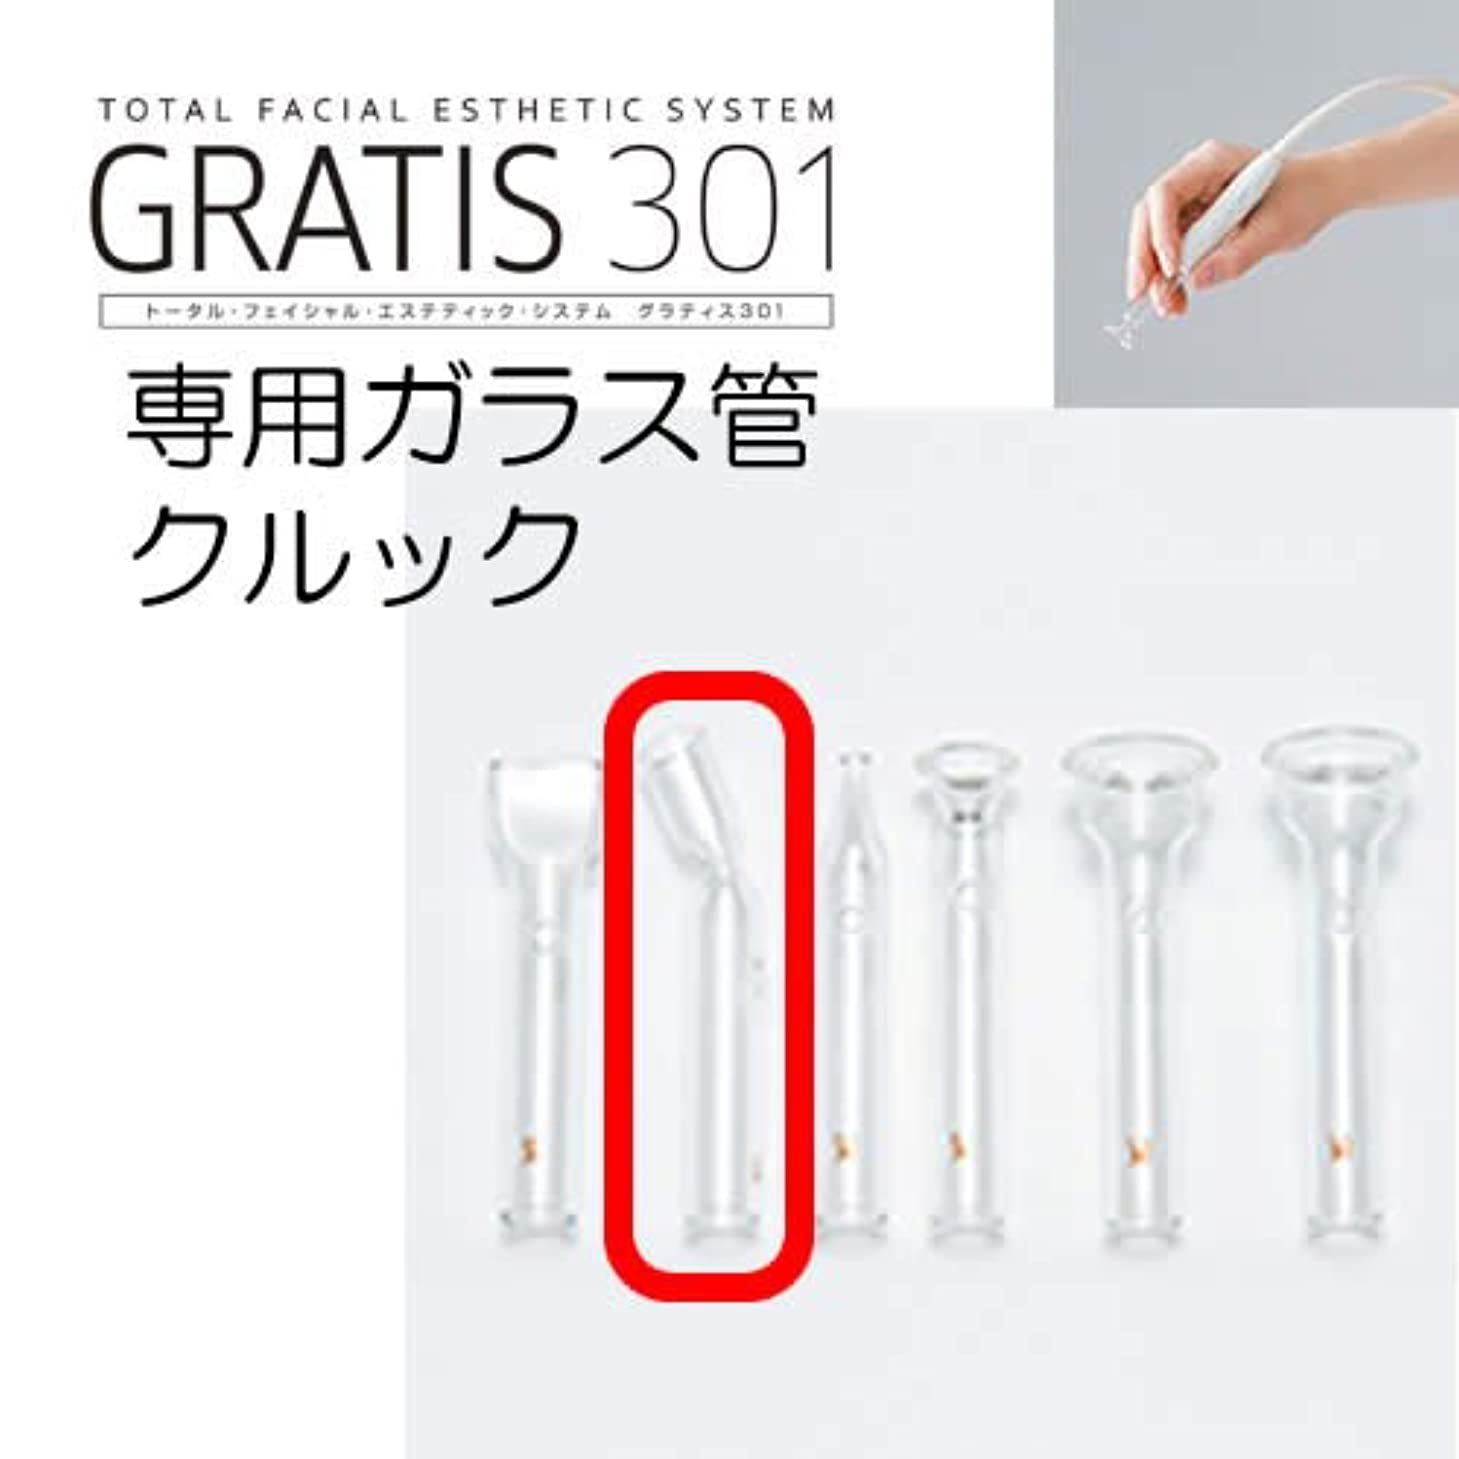 ヘルパー傾向があります開示するGRATIS 301(グラティス301)専用ガラス管 クルック(2本セット)